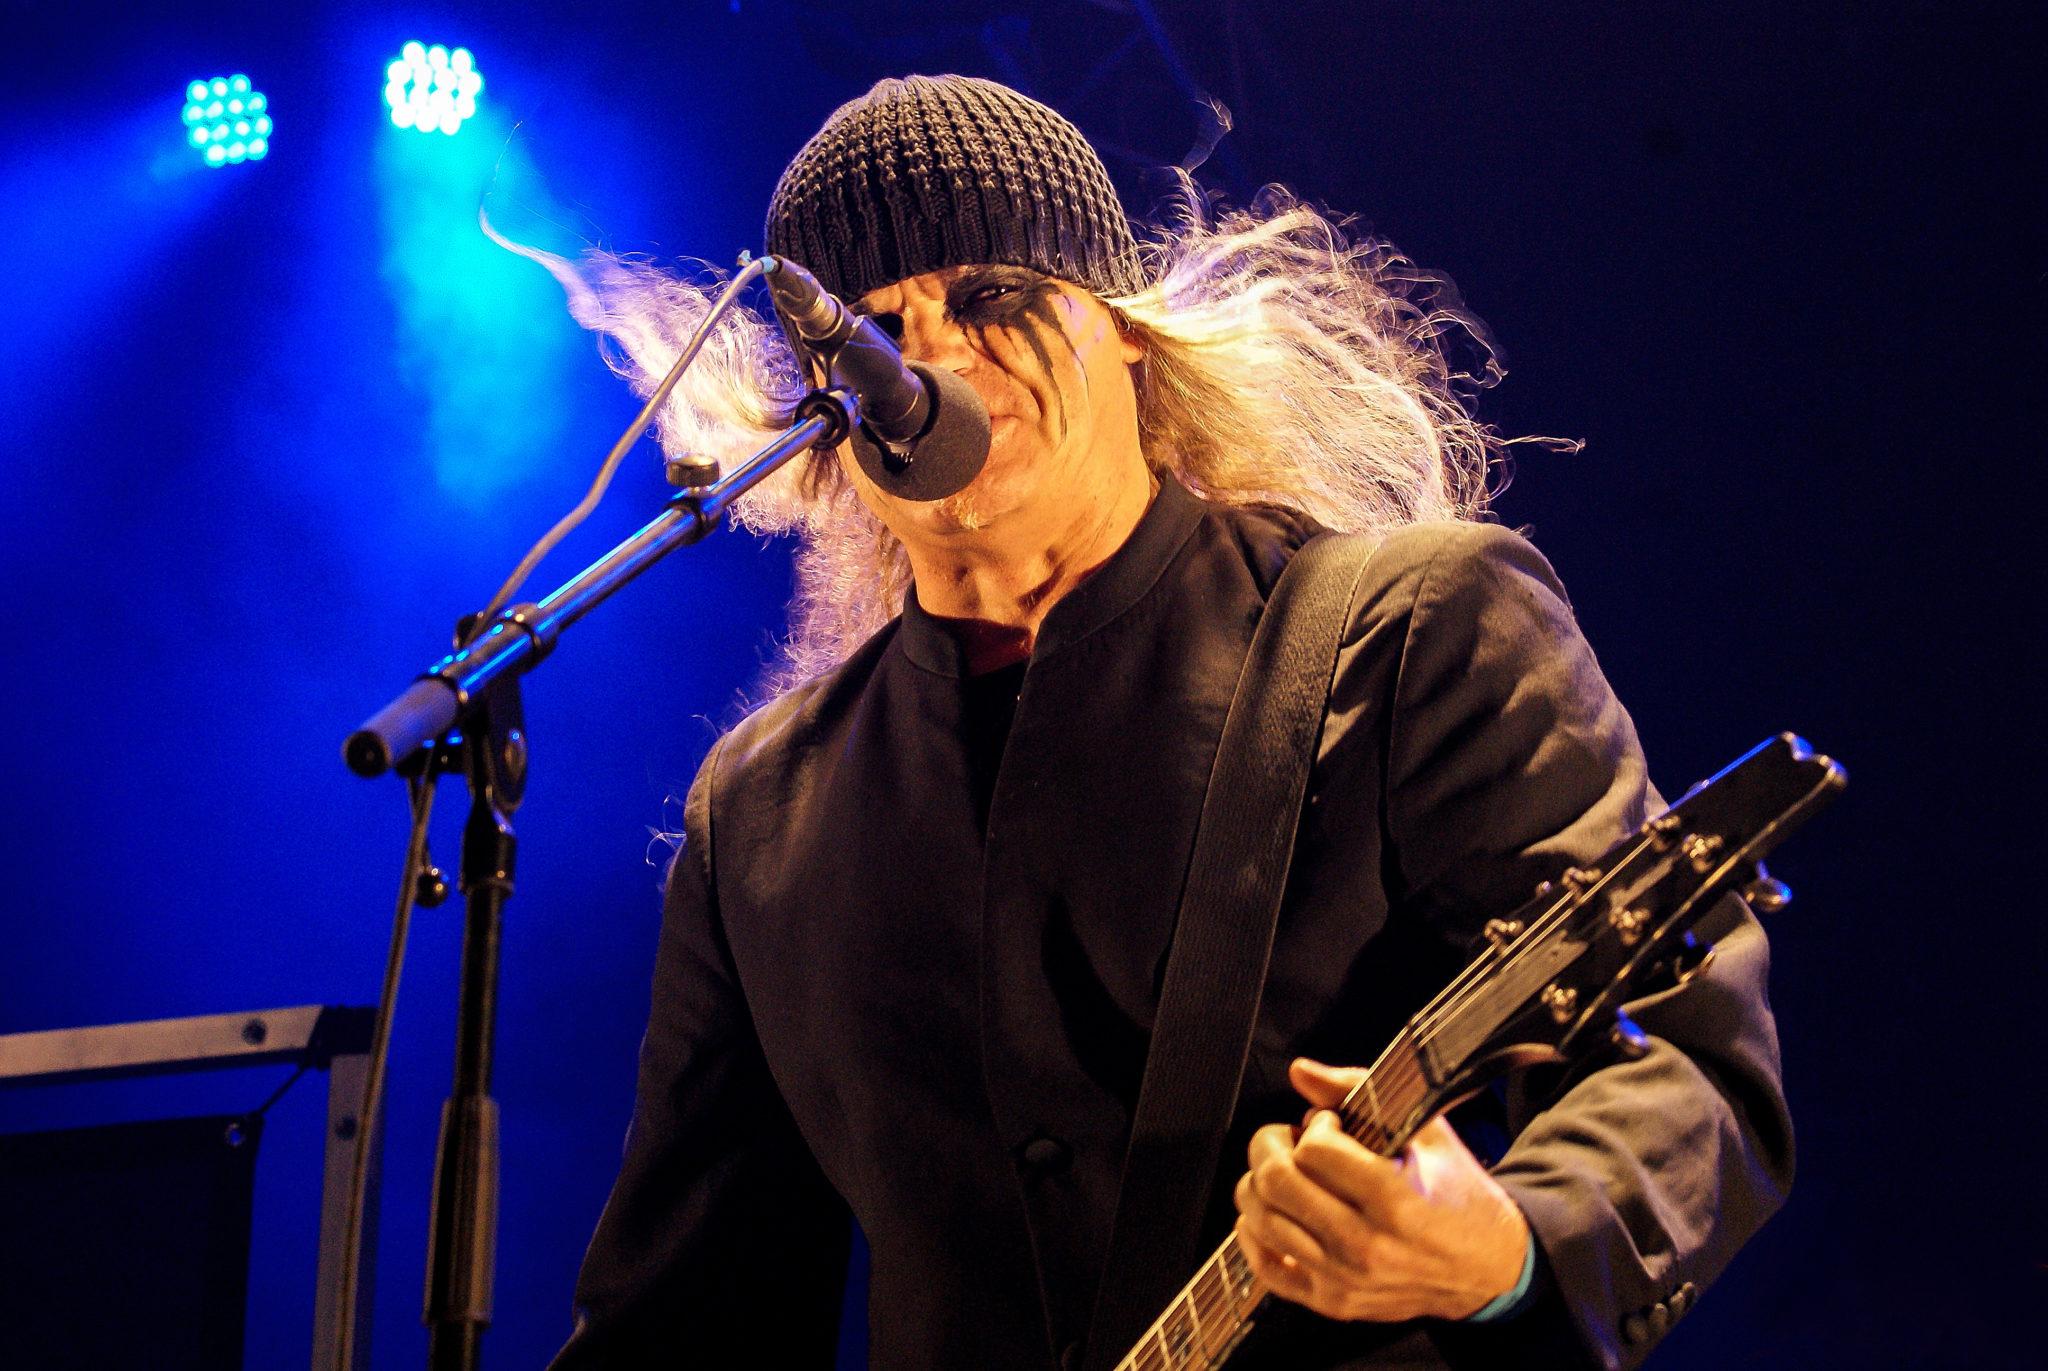 Tom G. Warrior von Triptykon bei einem Auftritt am Hellfest 2011 in Clisson, Frankreich.